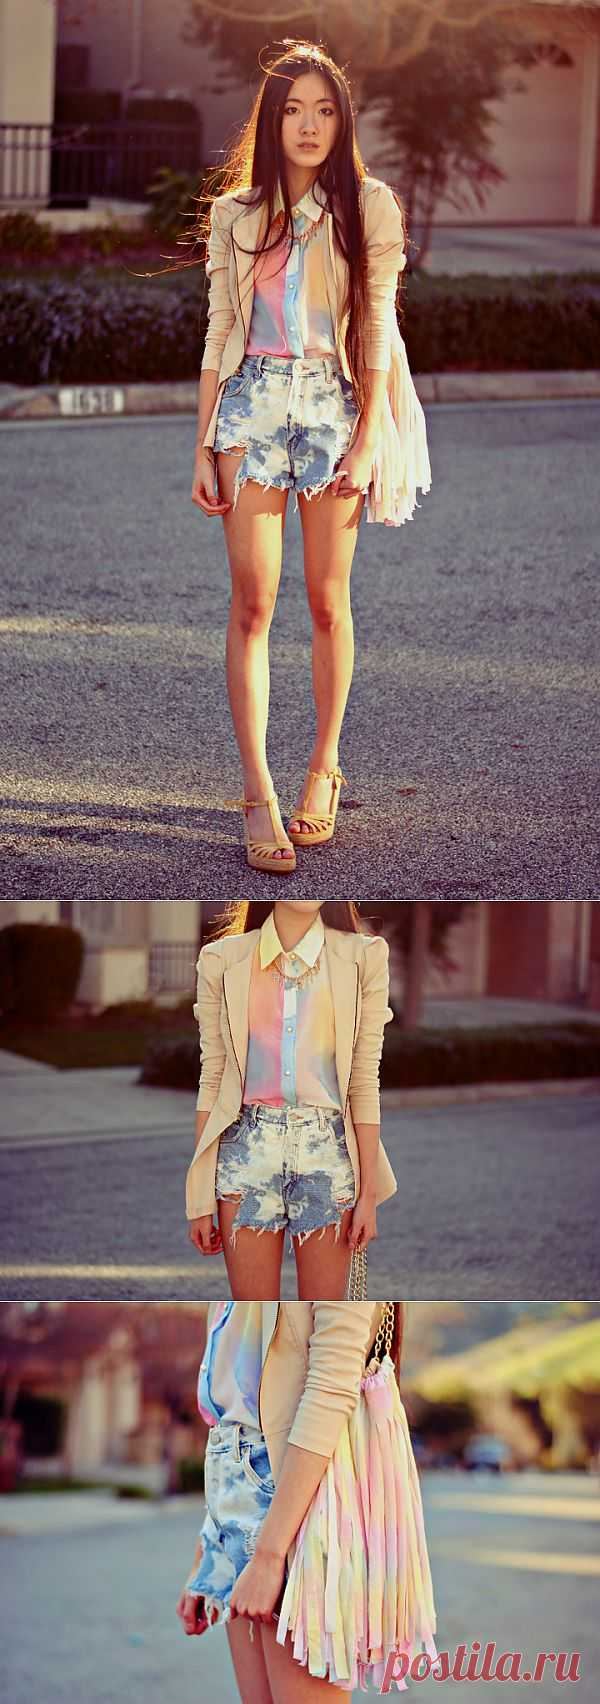 Образ с множественной покраской / Пачкаем / Модный сайт о стильной переделке одежды и интерьера